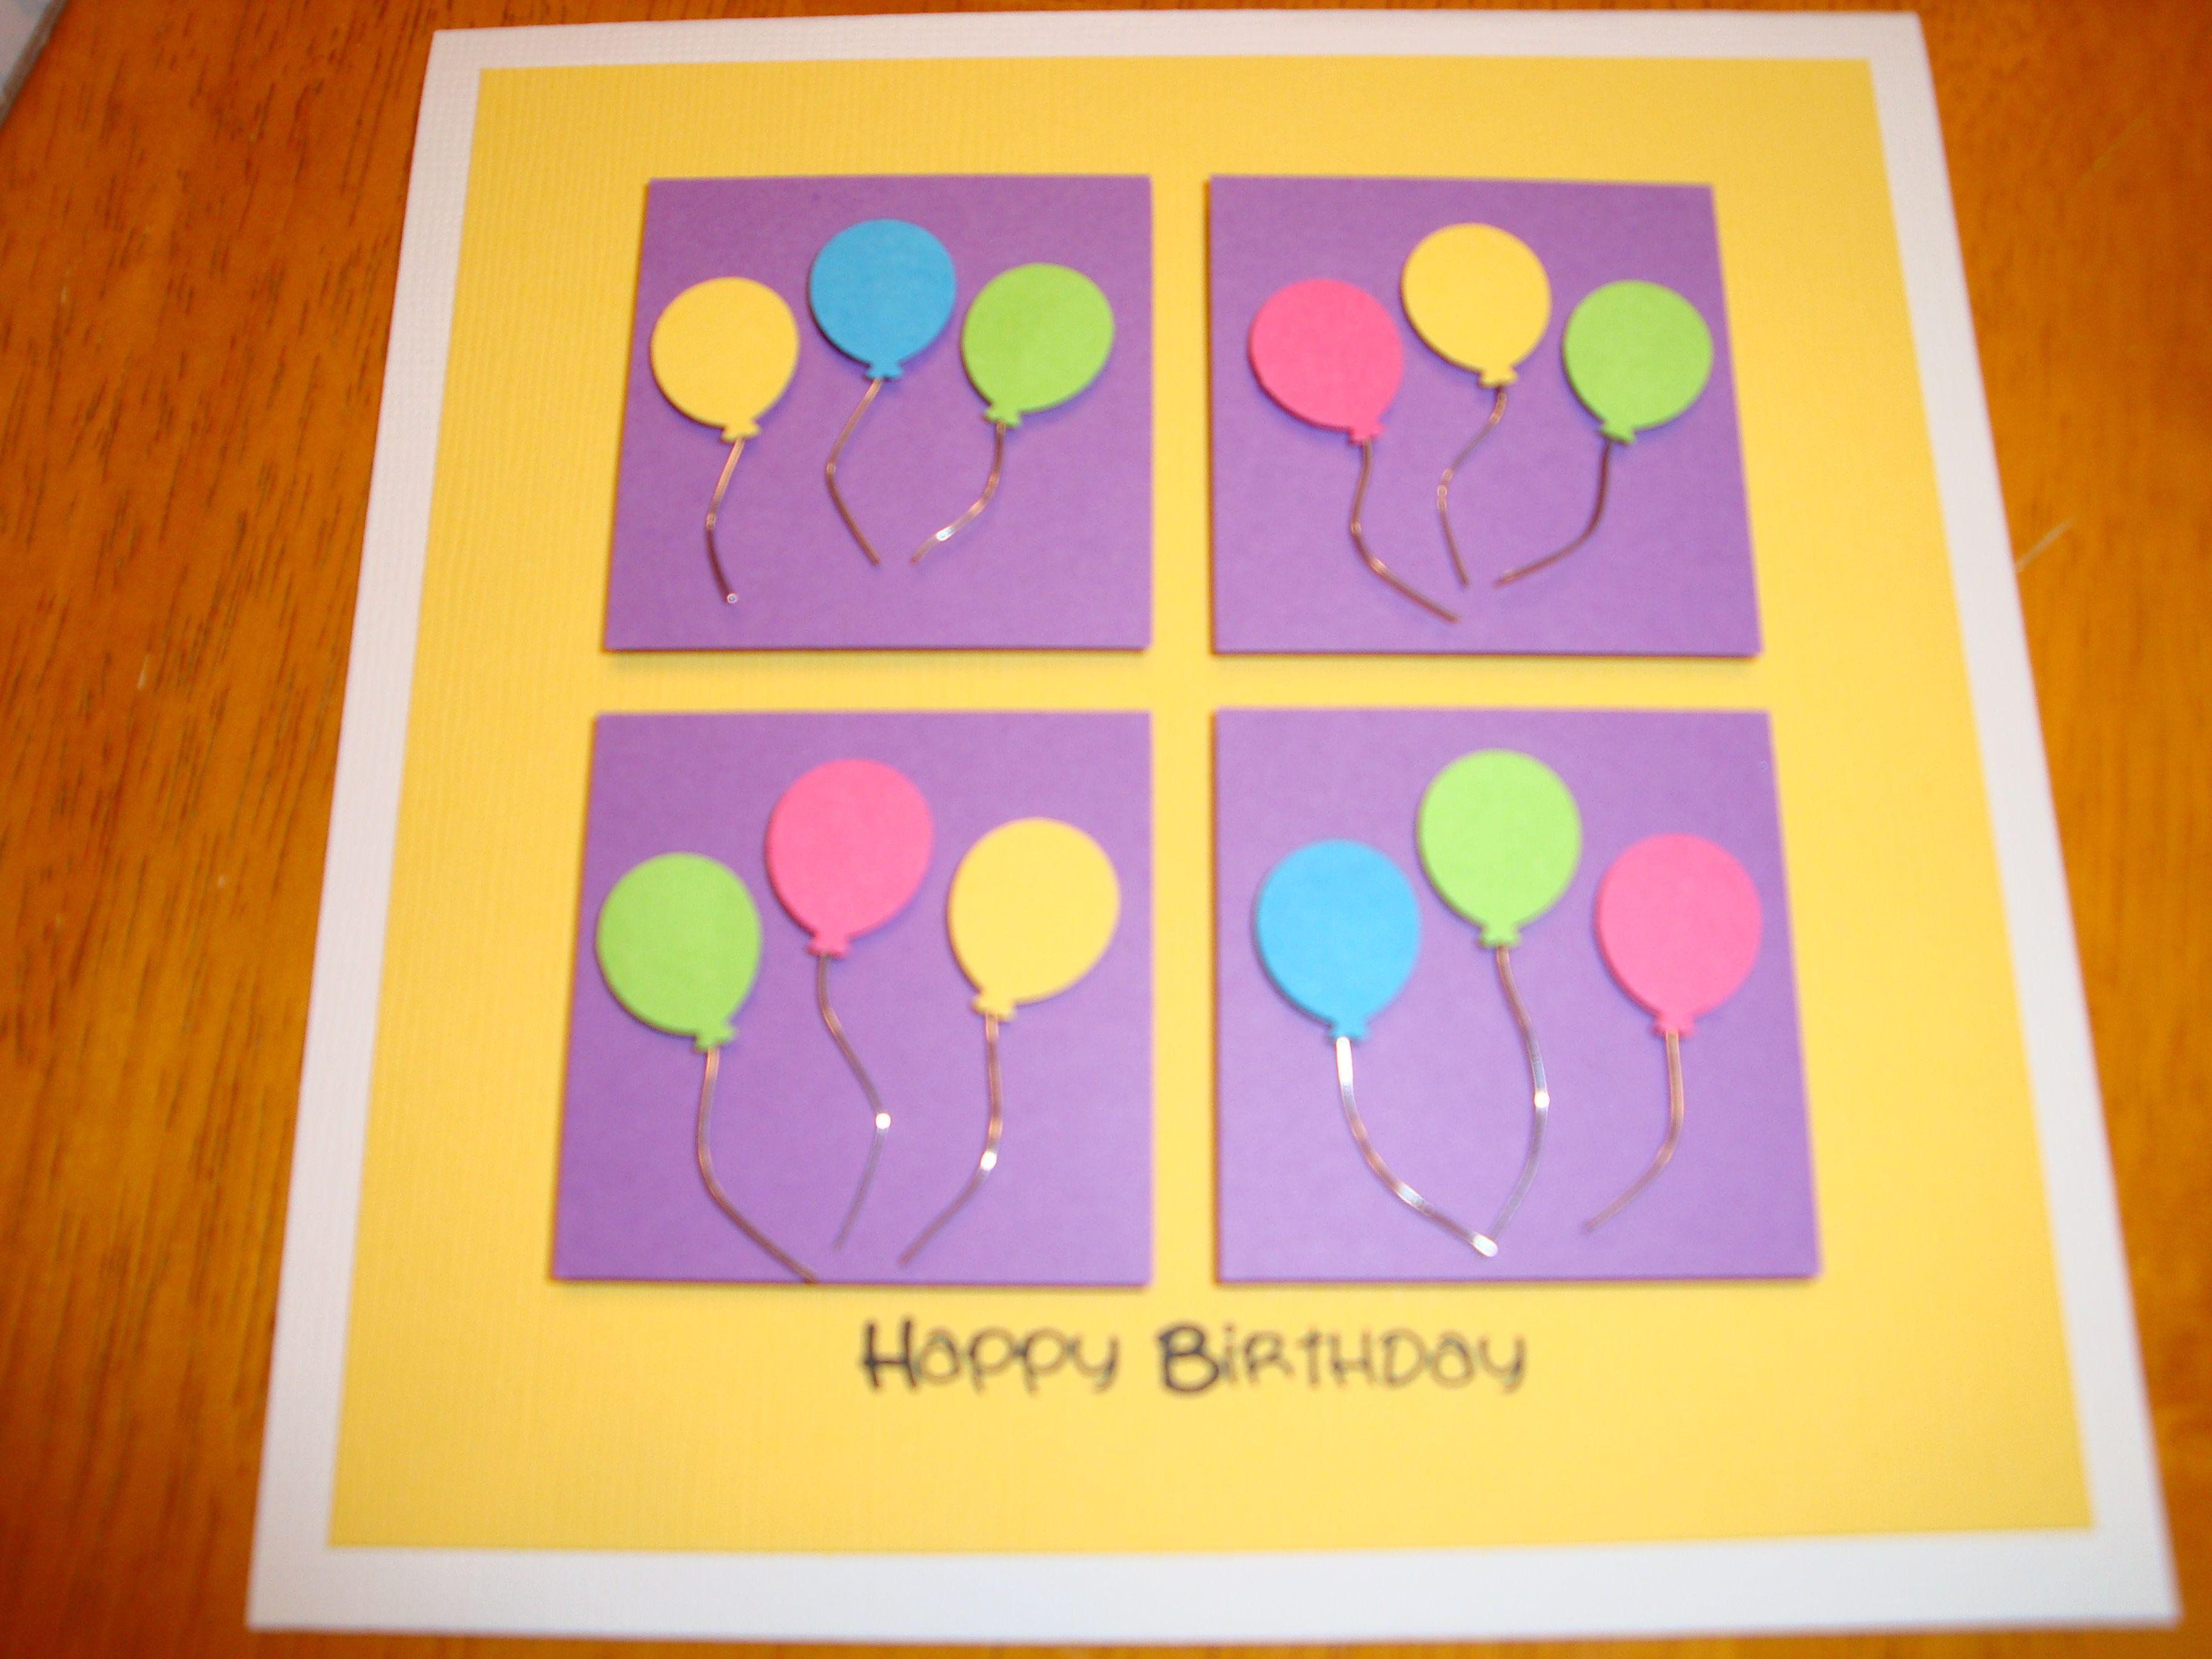 Easy handmade birthday card card ideas pinterest handmade easy handmade birthday card bookmarktalkfo Choice Image